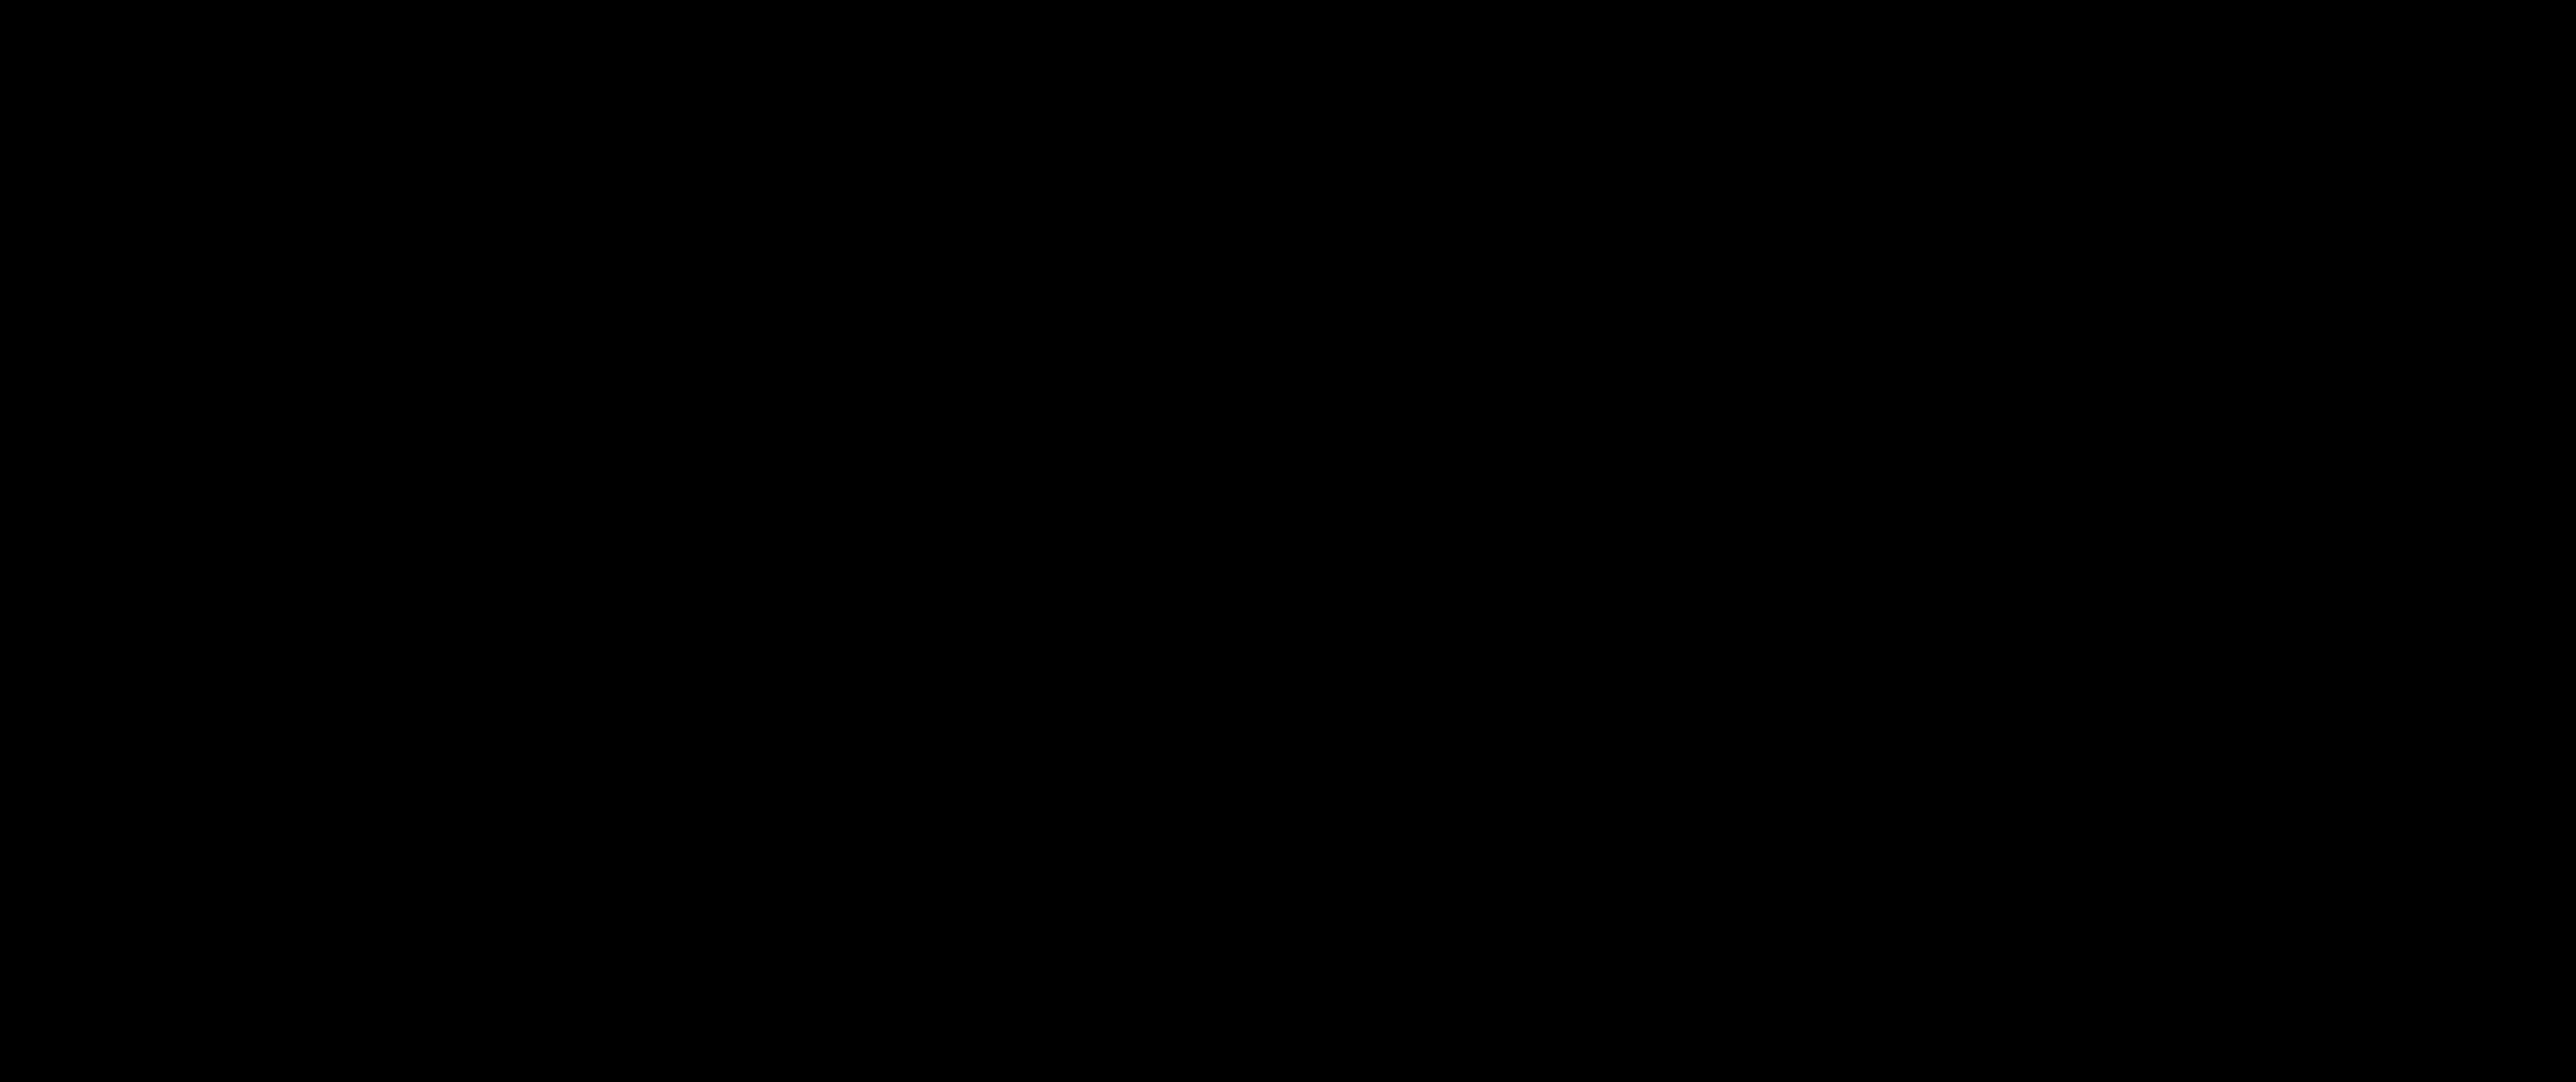 Grupo Delfos